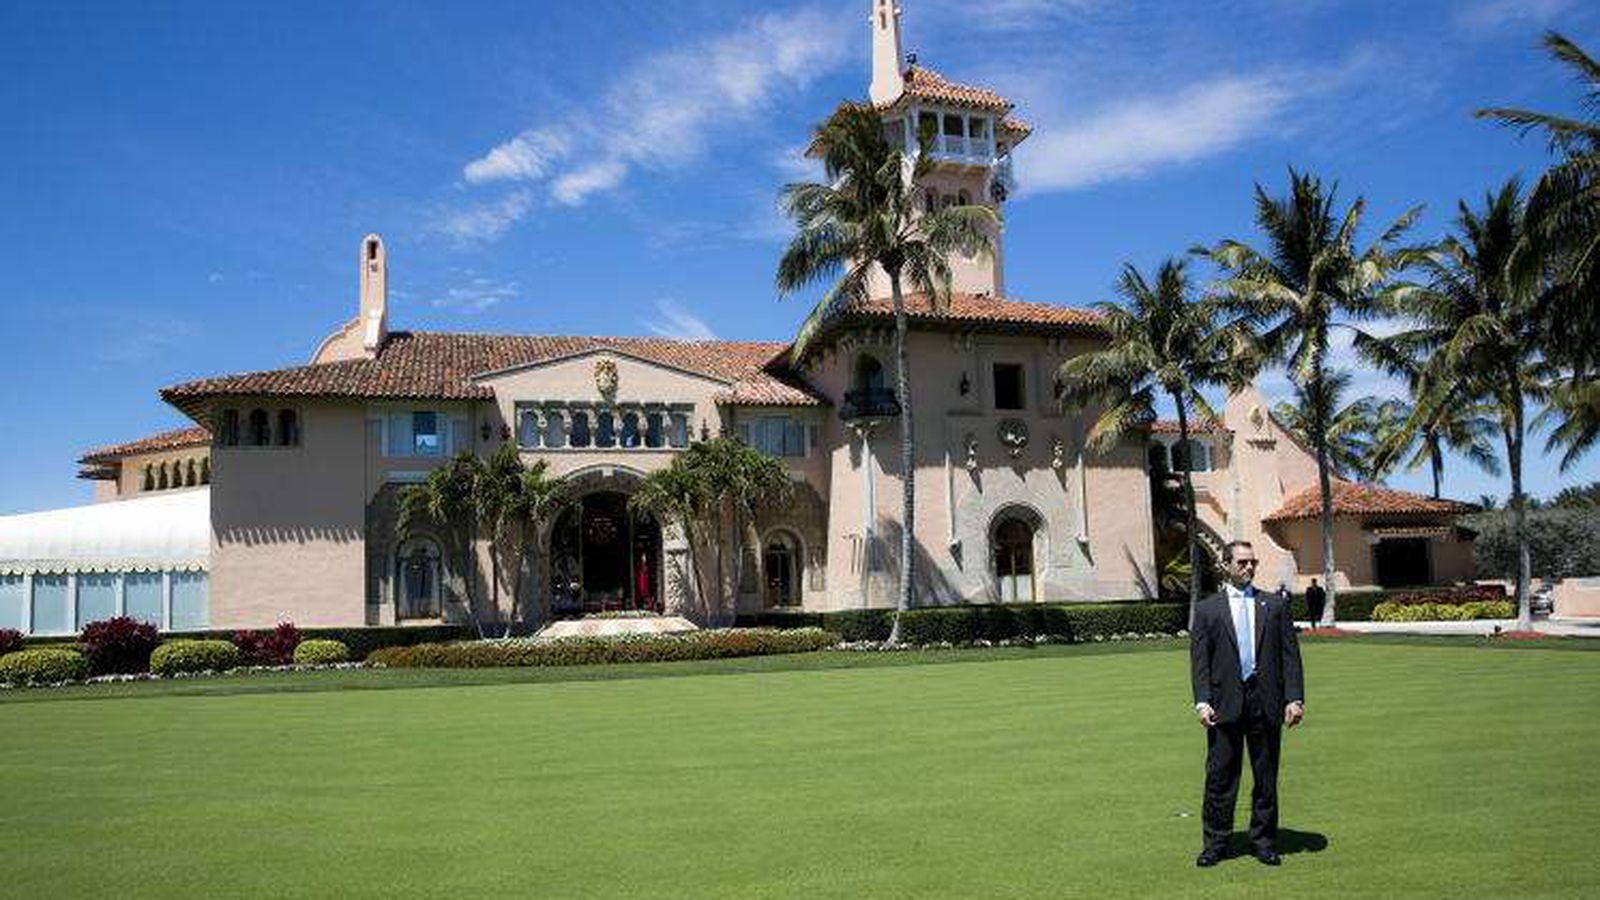 據報,特勤局正查詢保護總統總統的特工,是否有興趣轉職往佛州棕櫚灘工作,意味權威正準備替換離任後的保護任務。    紐約時報圖片